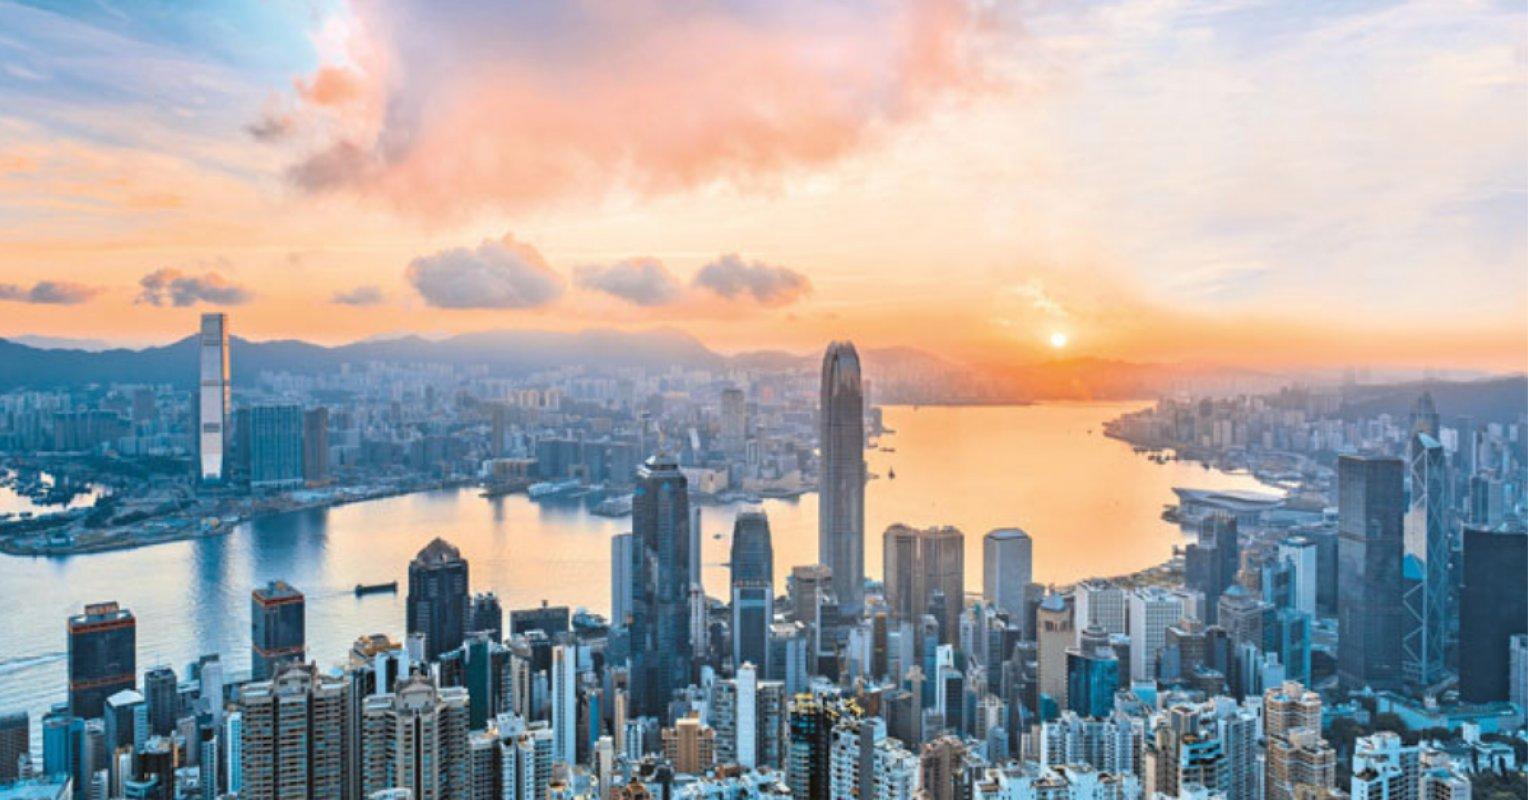 大灣區與三藩市灣區的合作機遇 美國企業如何藉香港開拓大灣區市場?